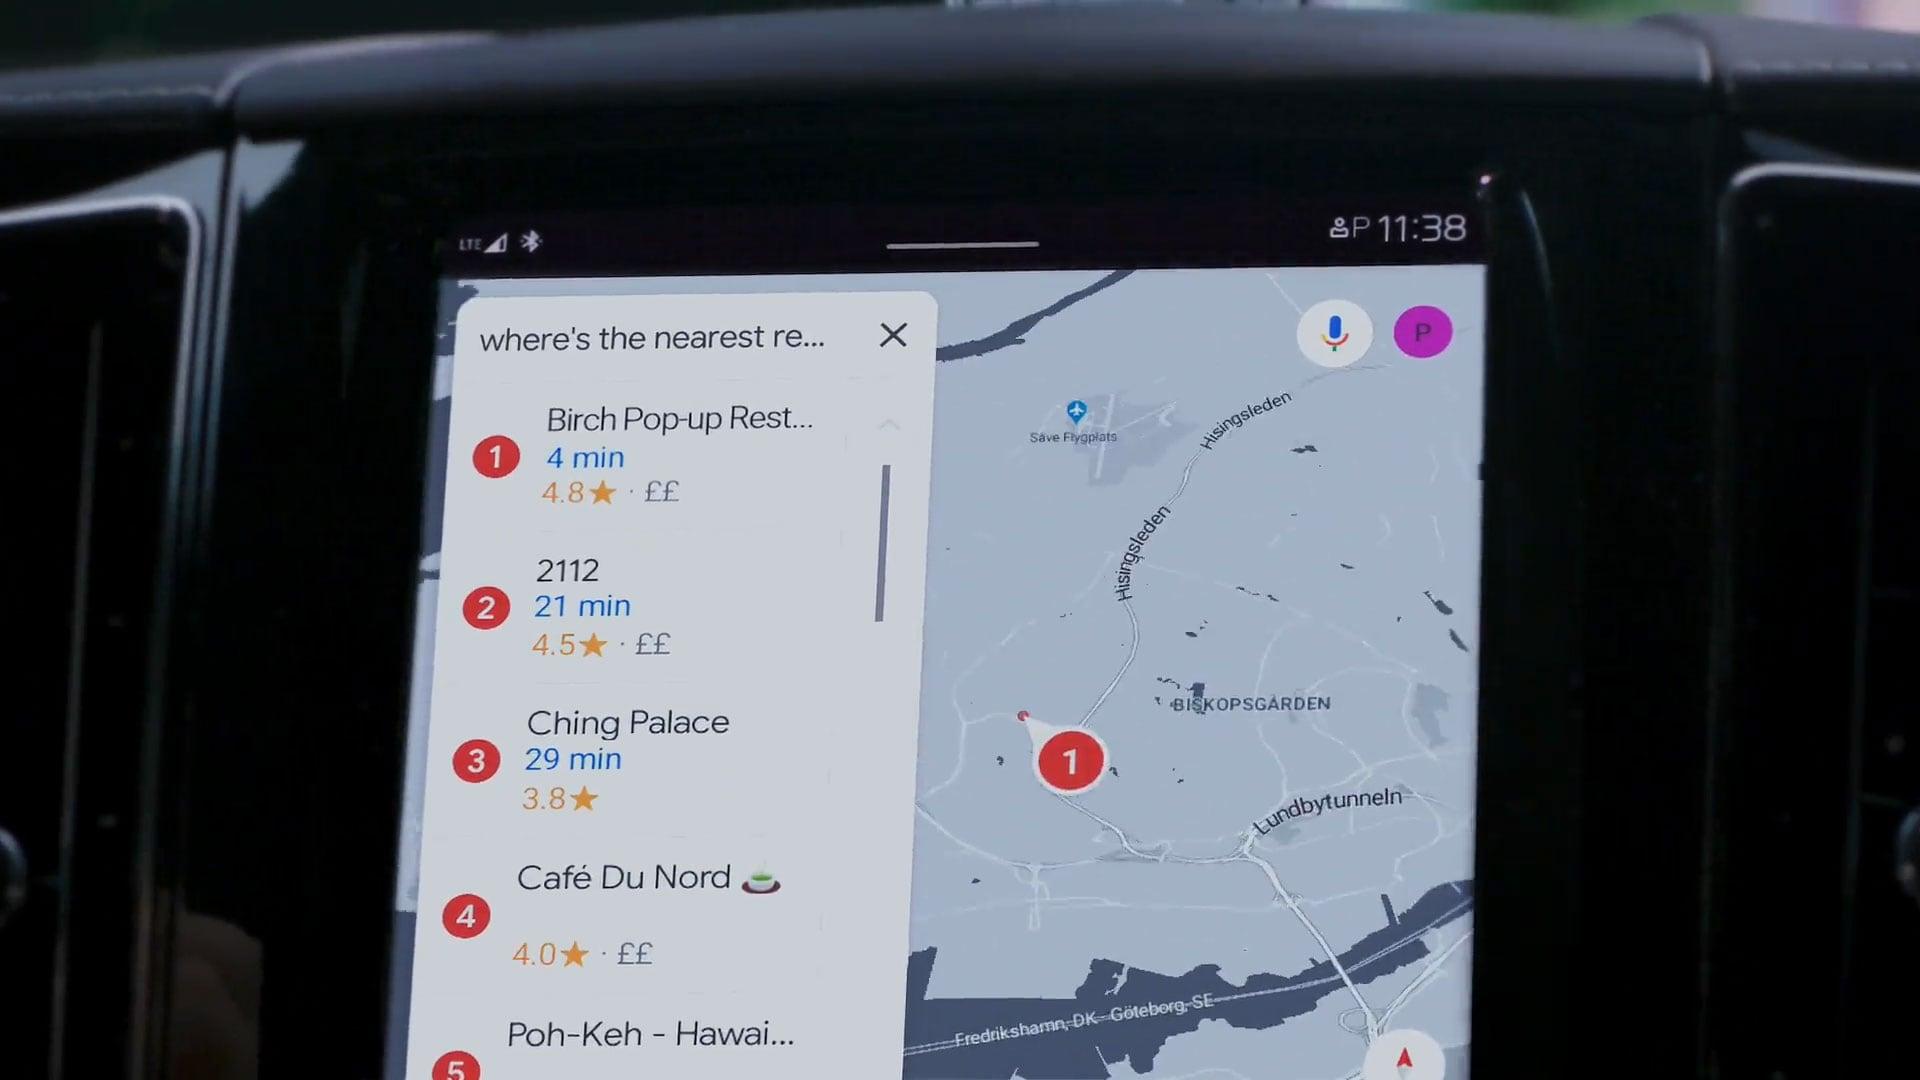 מפות Google משולבת באופן מלא ב-S90 Recharge.